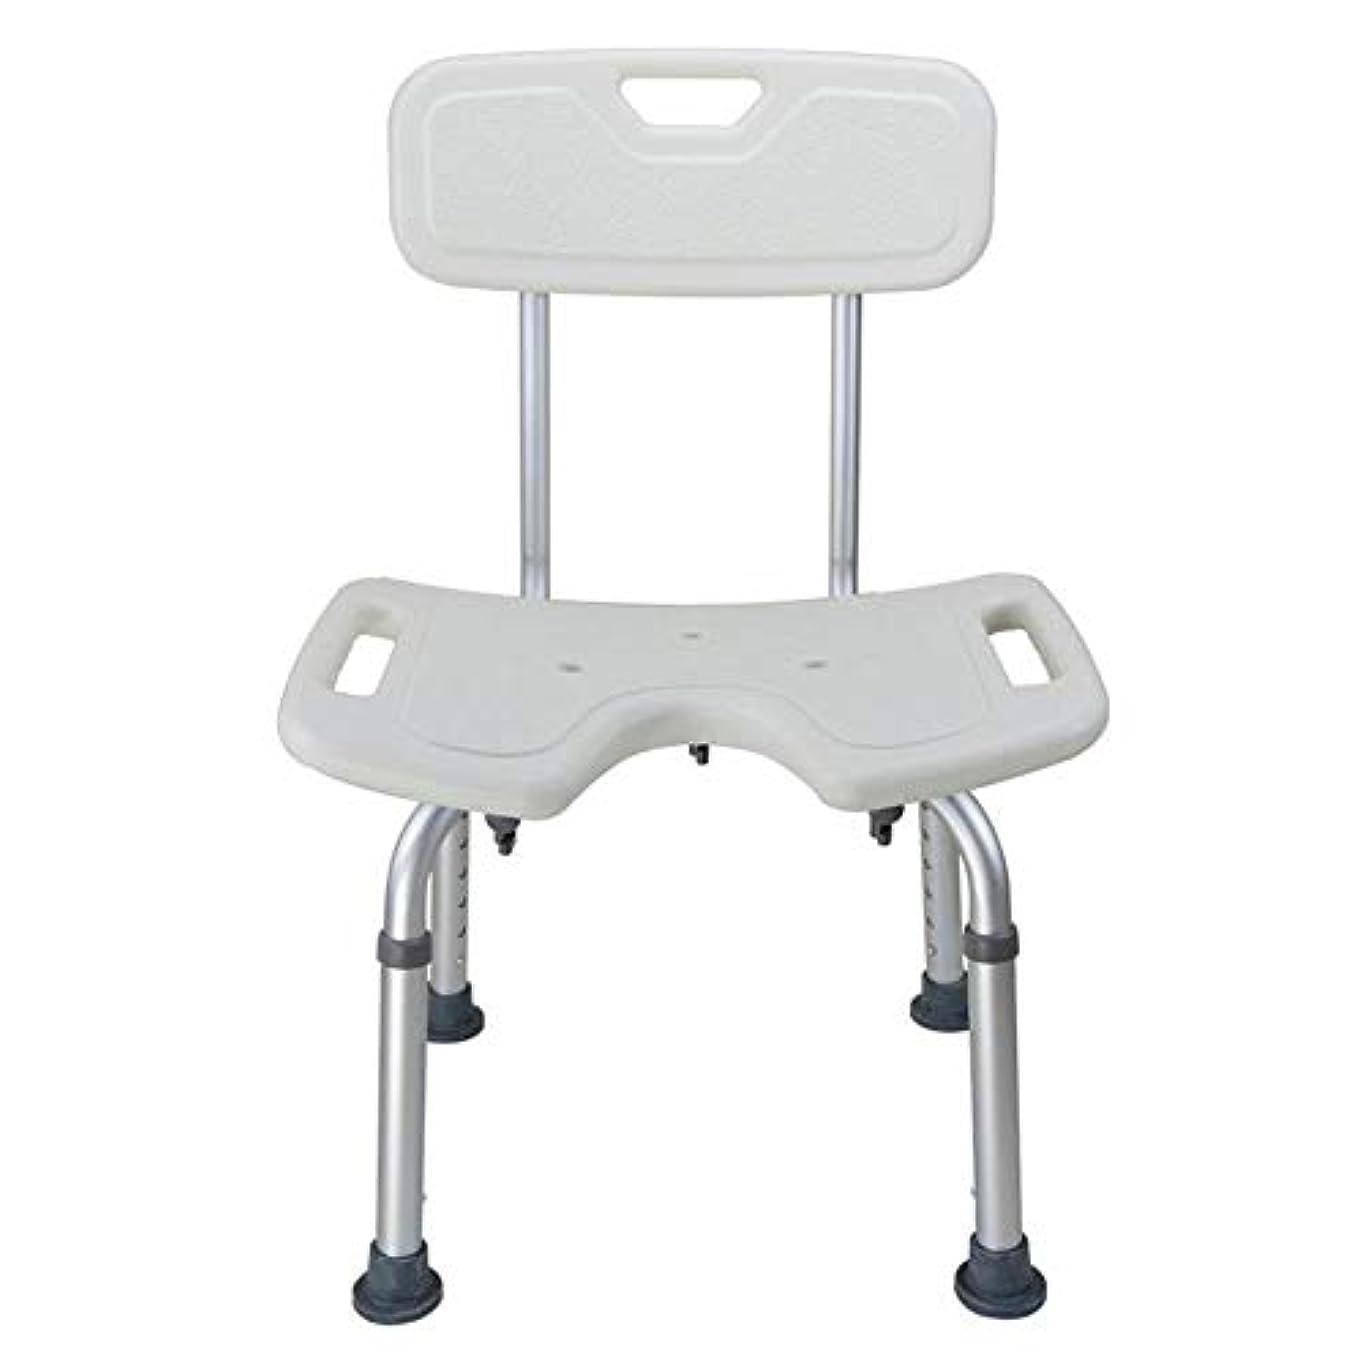 並外れて直感便利背部と調節可能な折るシャワーチェアの高さ